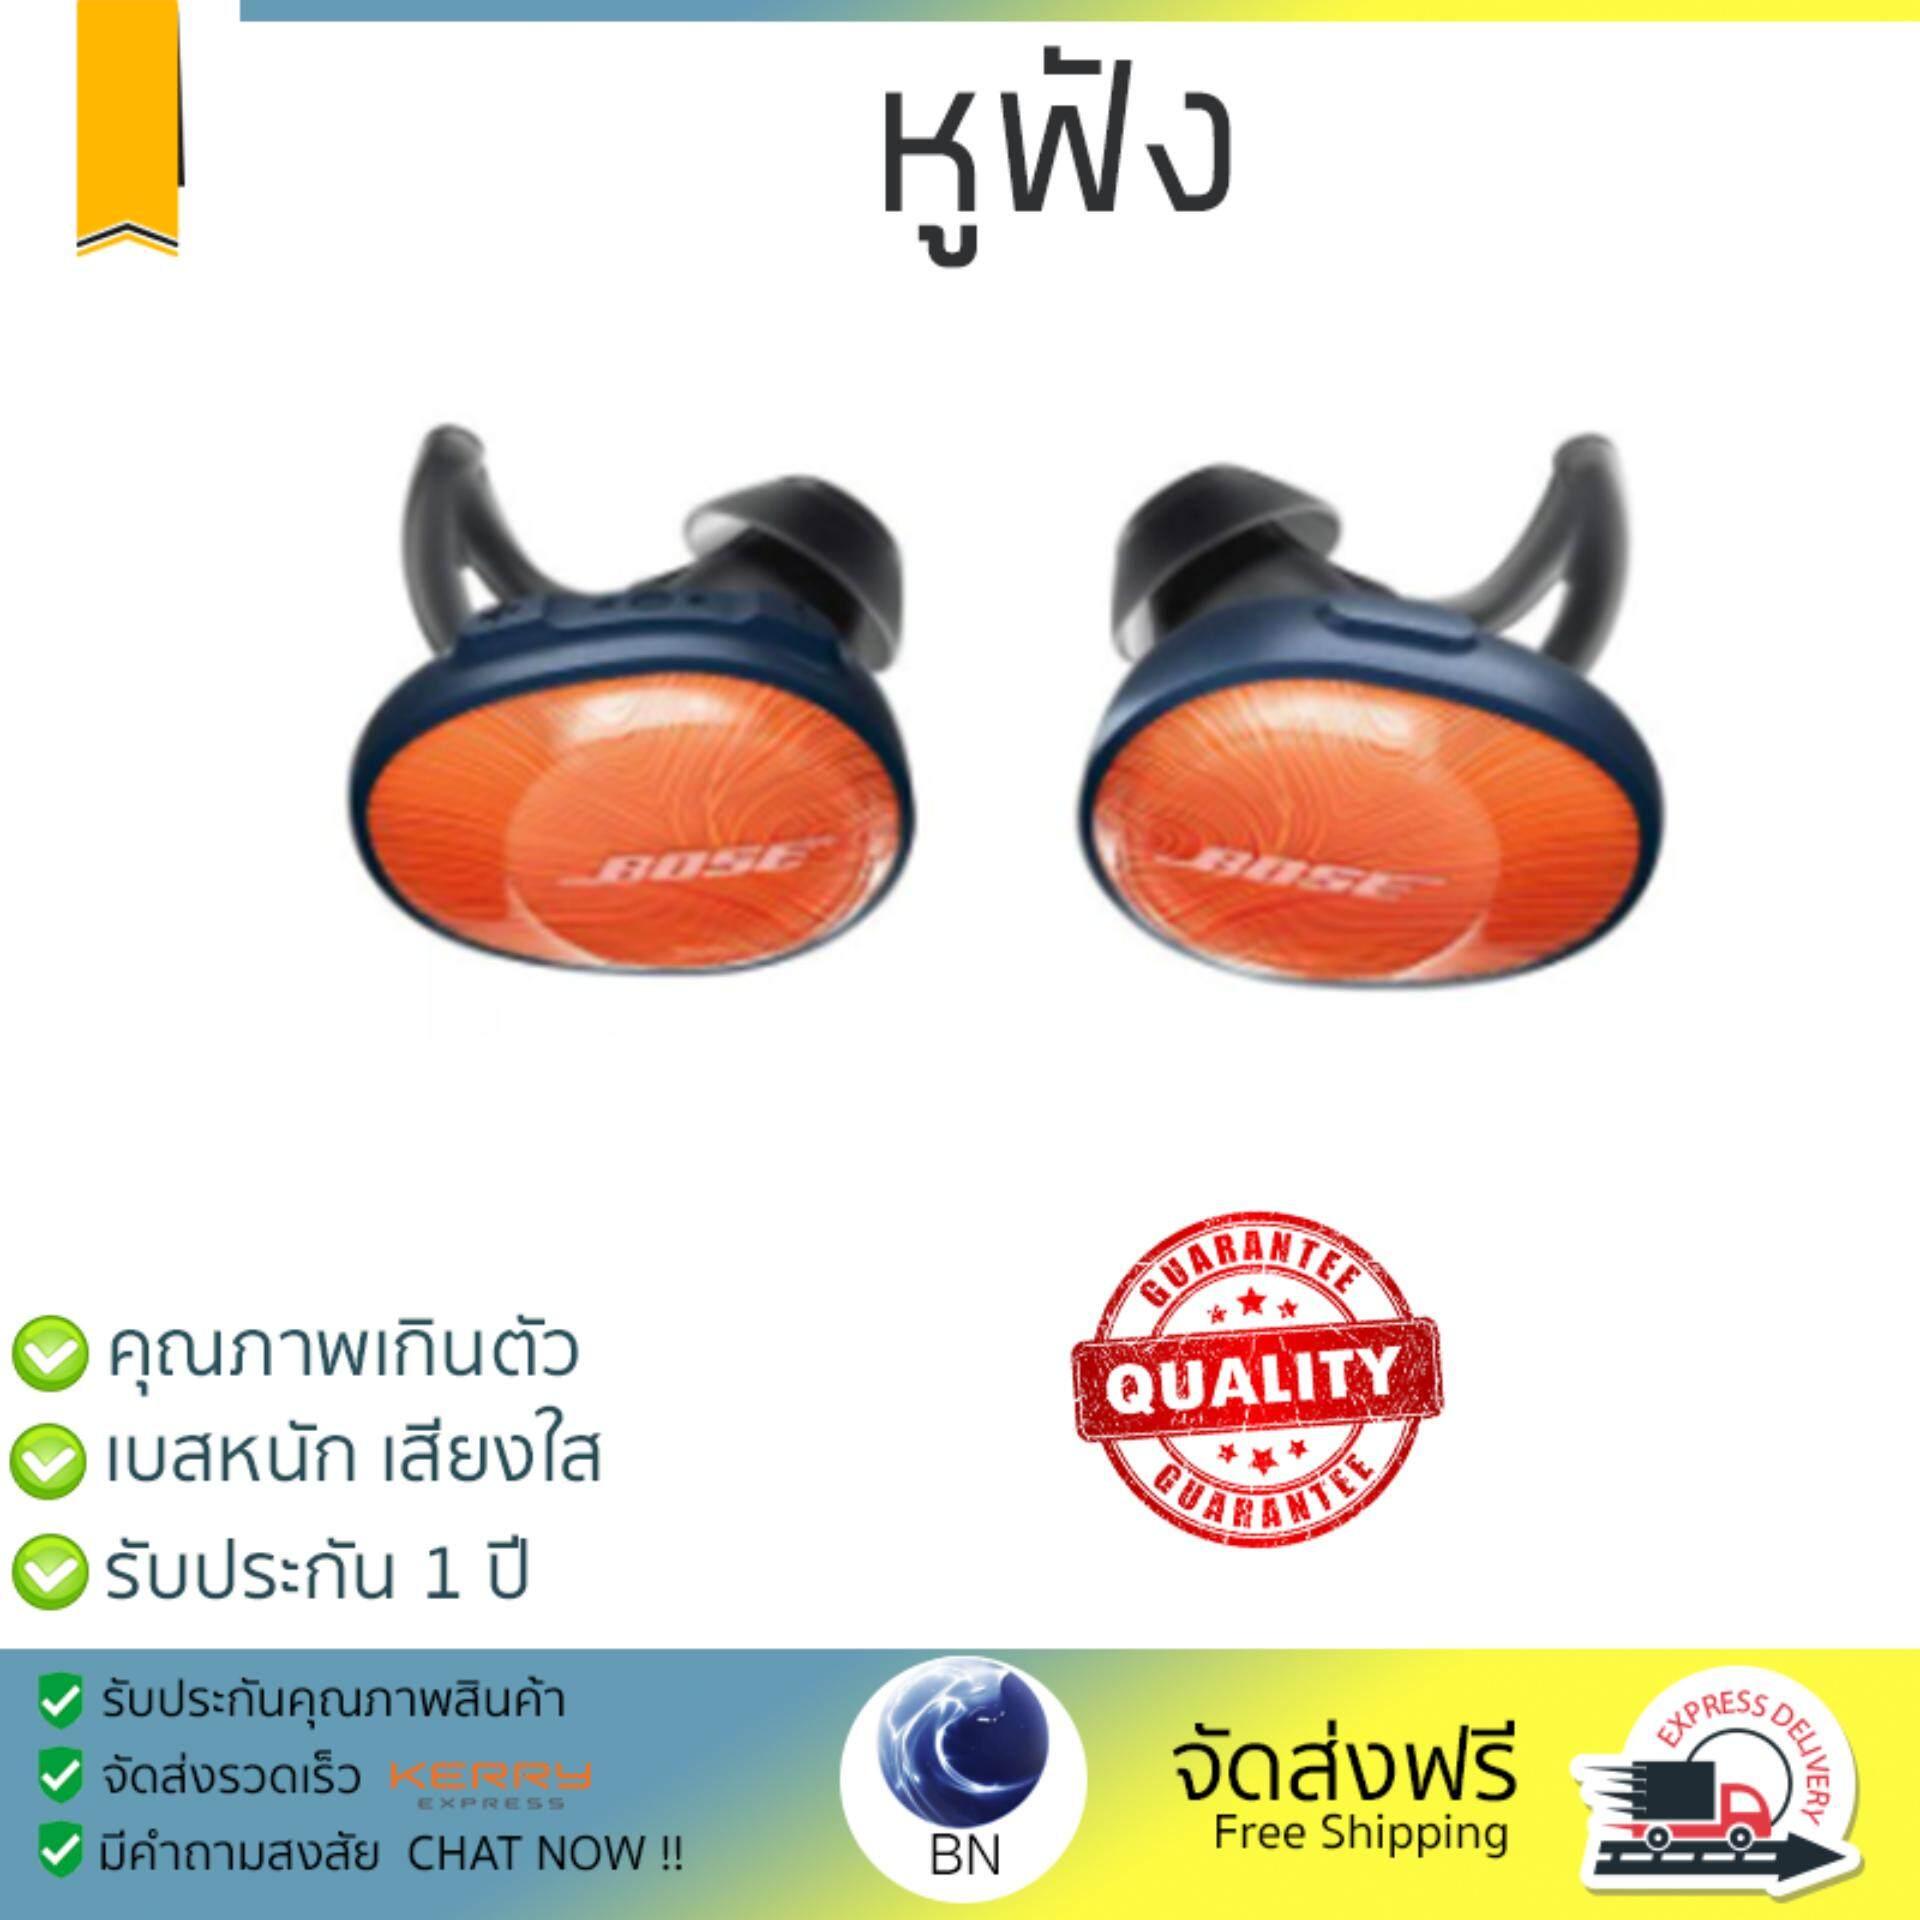 สอนใช้งาน  นครสวรรค์ ของแท้ หูฟัง Bose SoundSport Free Wireless Headphones Orange เบสหนัก เสียงใส คุณภาพเกินตัว Headphone รับประกัน 1 ปี จัดส่งฟรีทั่วประเทศ